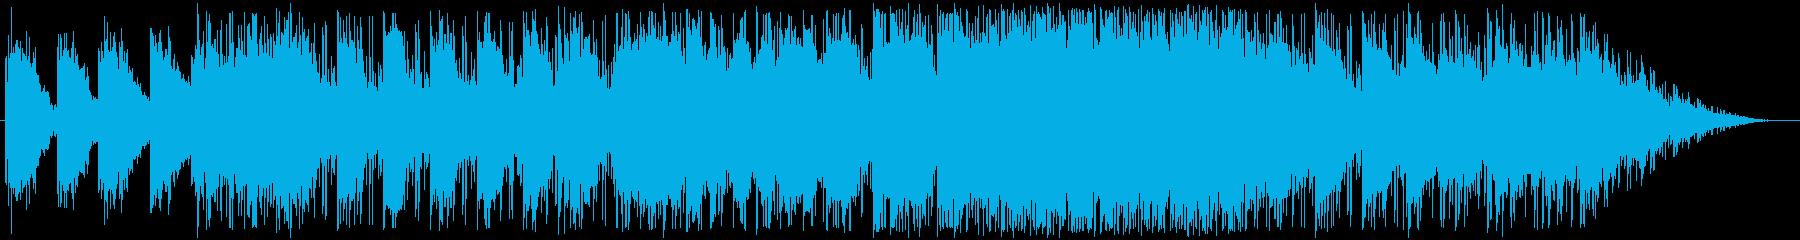 柔らかく切なく広がりのあるバイオリン曲の再生済みの波形